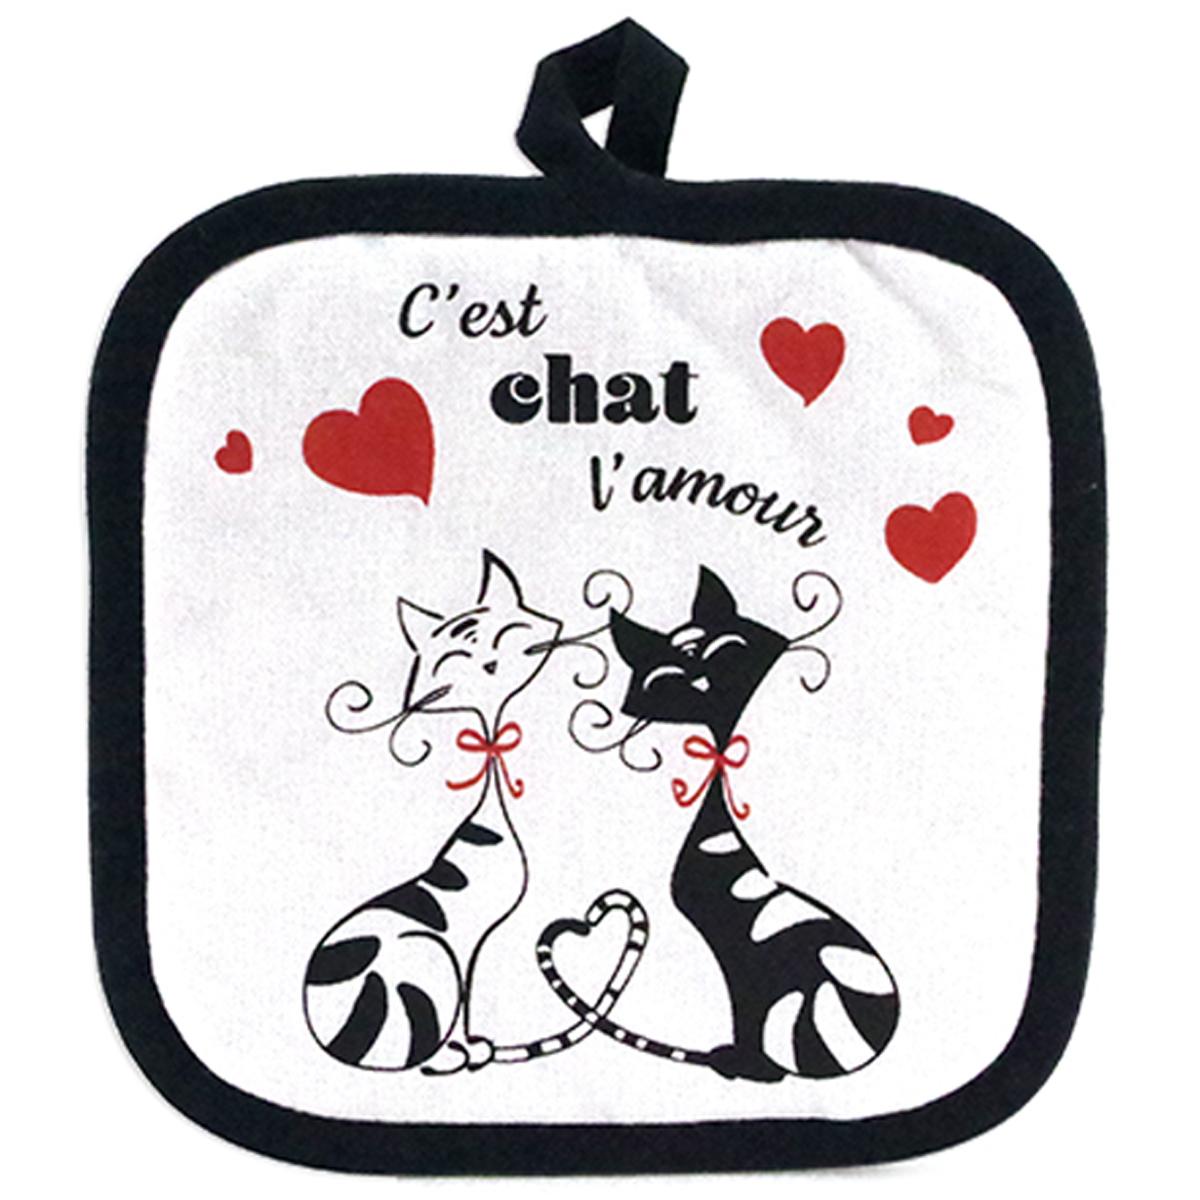 Manique coton \'Chats\' noir rouge blanc (C\'est chat l\'amour) - 20x20 cm - [A1921]